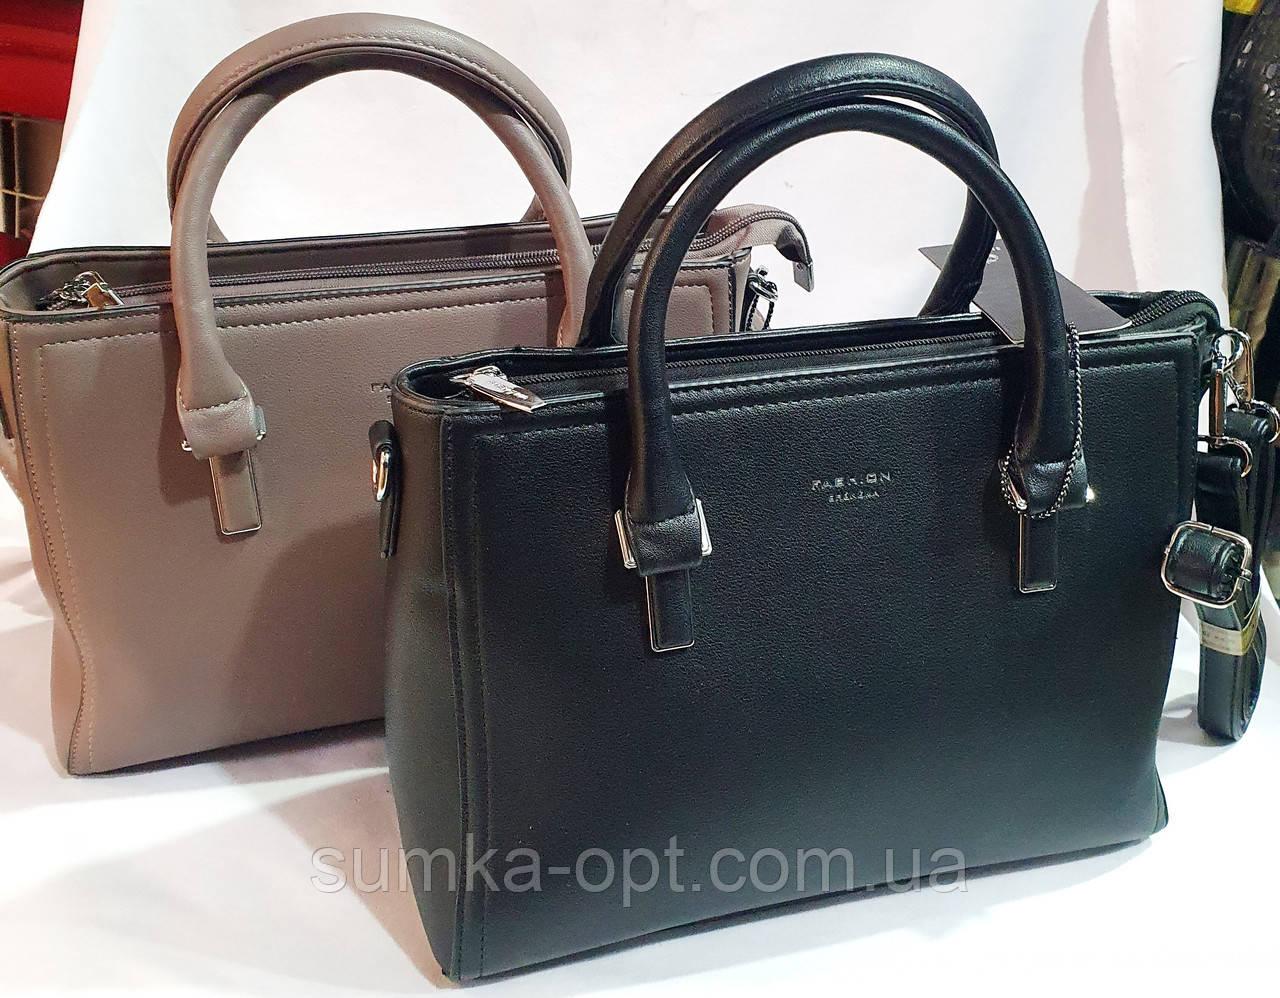 Женские сумки Китай из качественного кожзама 29*22 см